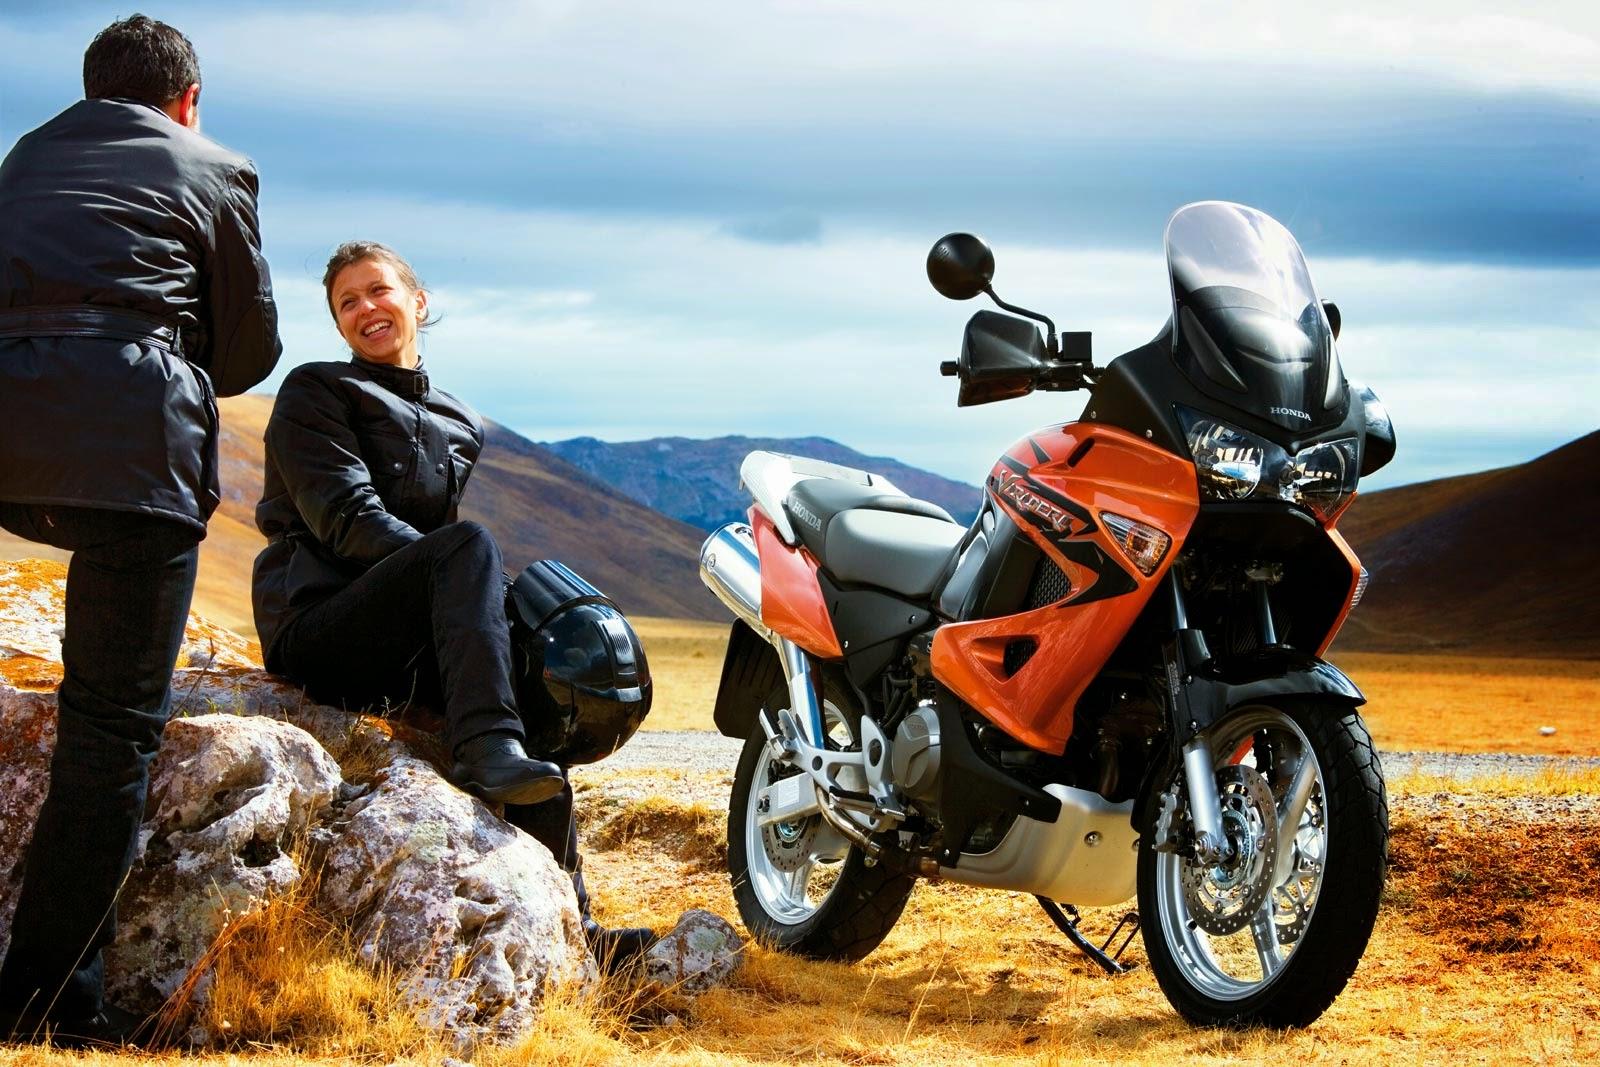 Honda Varadero New Motorcycle Images